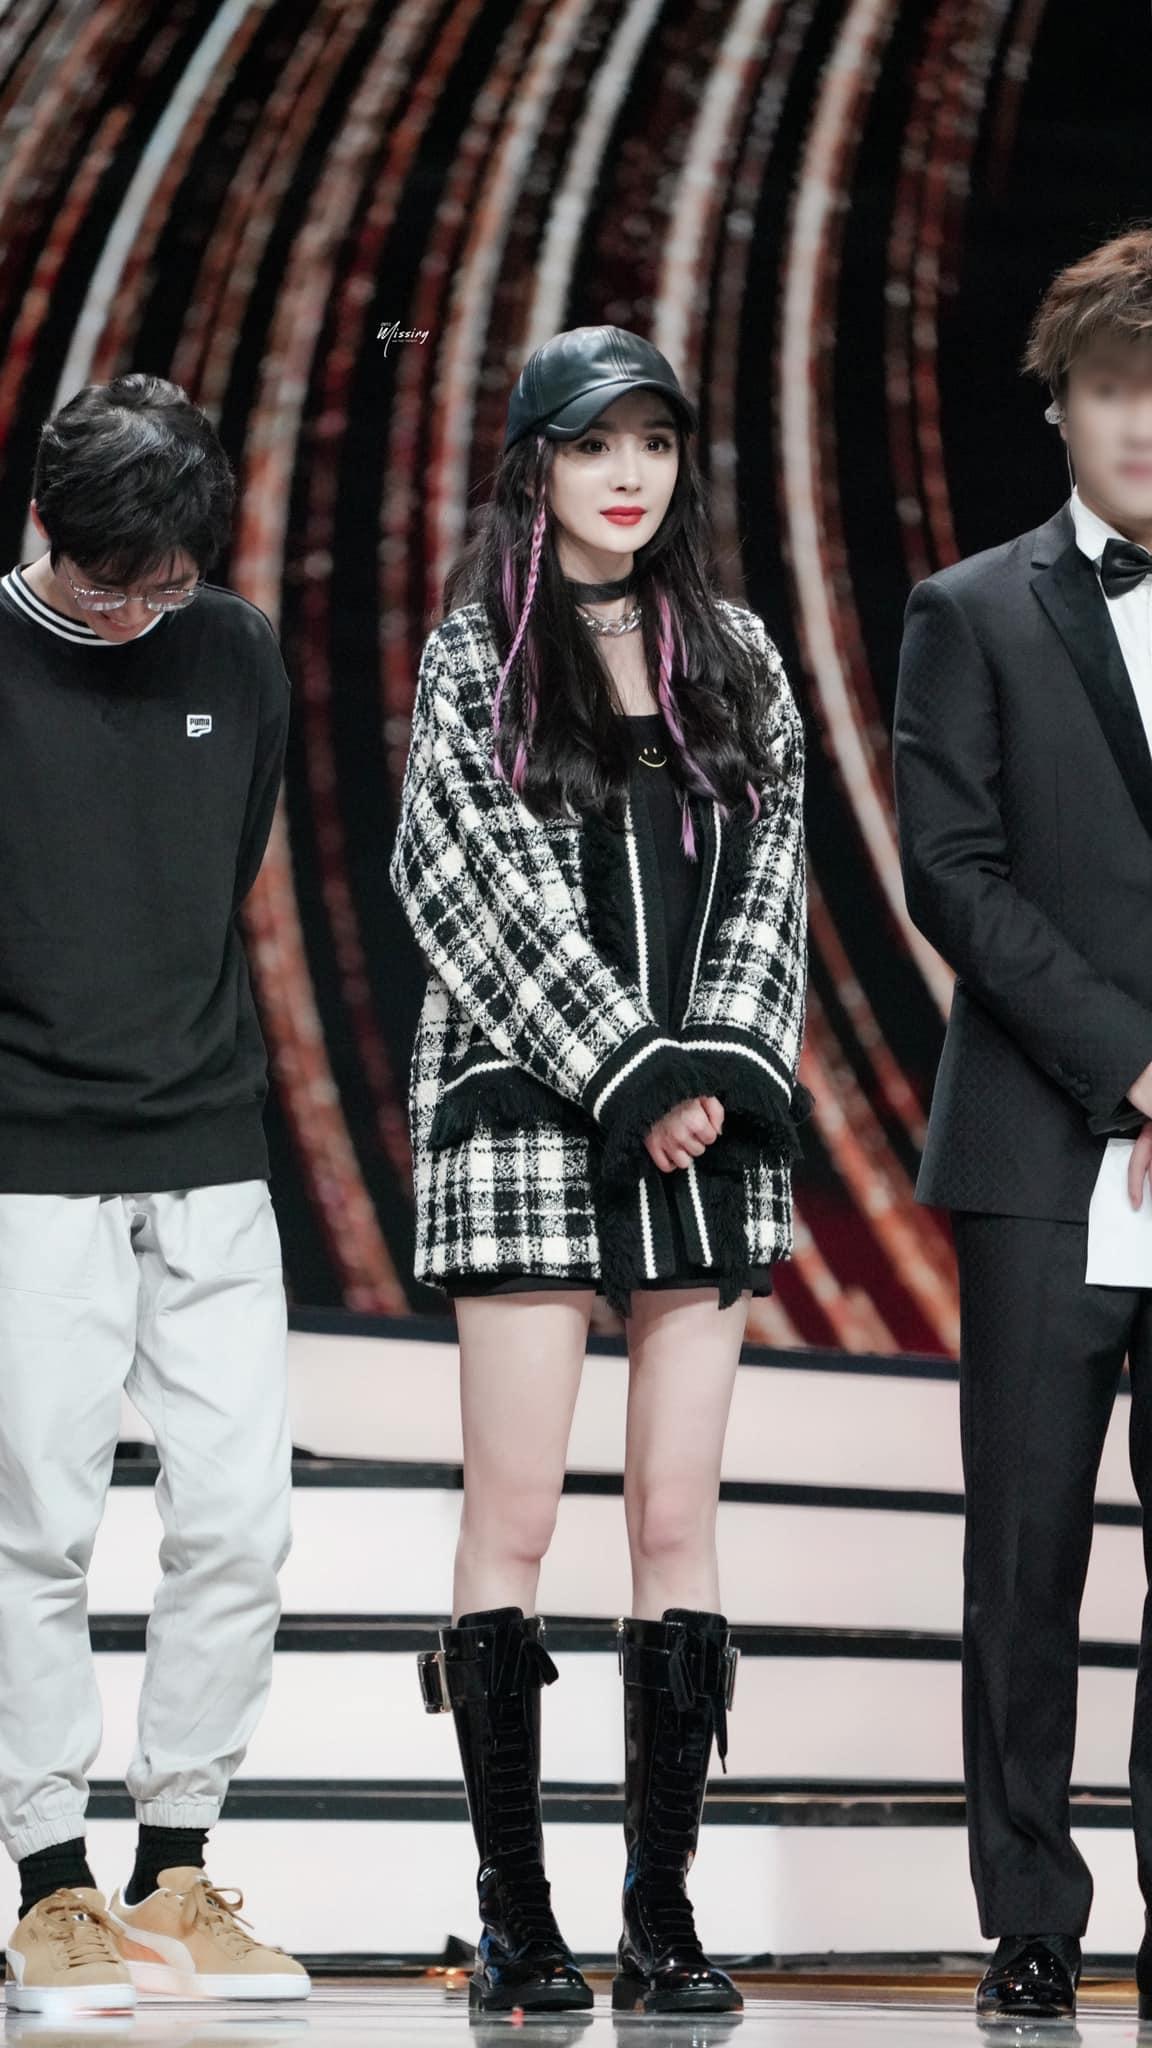 """Nhờ cao tay chỉnh váy mà Dương Mịch khoe được đôi chân """"cực phẩm"""", còn hack tuổi trẻ trung đến gái 20 cũng ghen tị - Ảnh 5."""